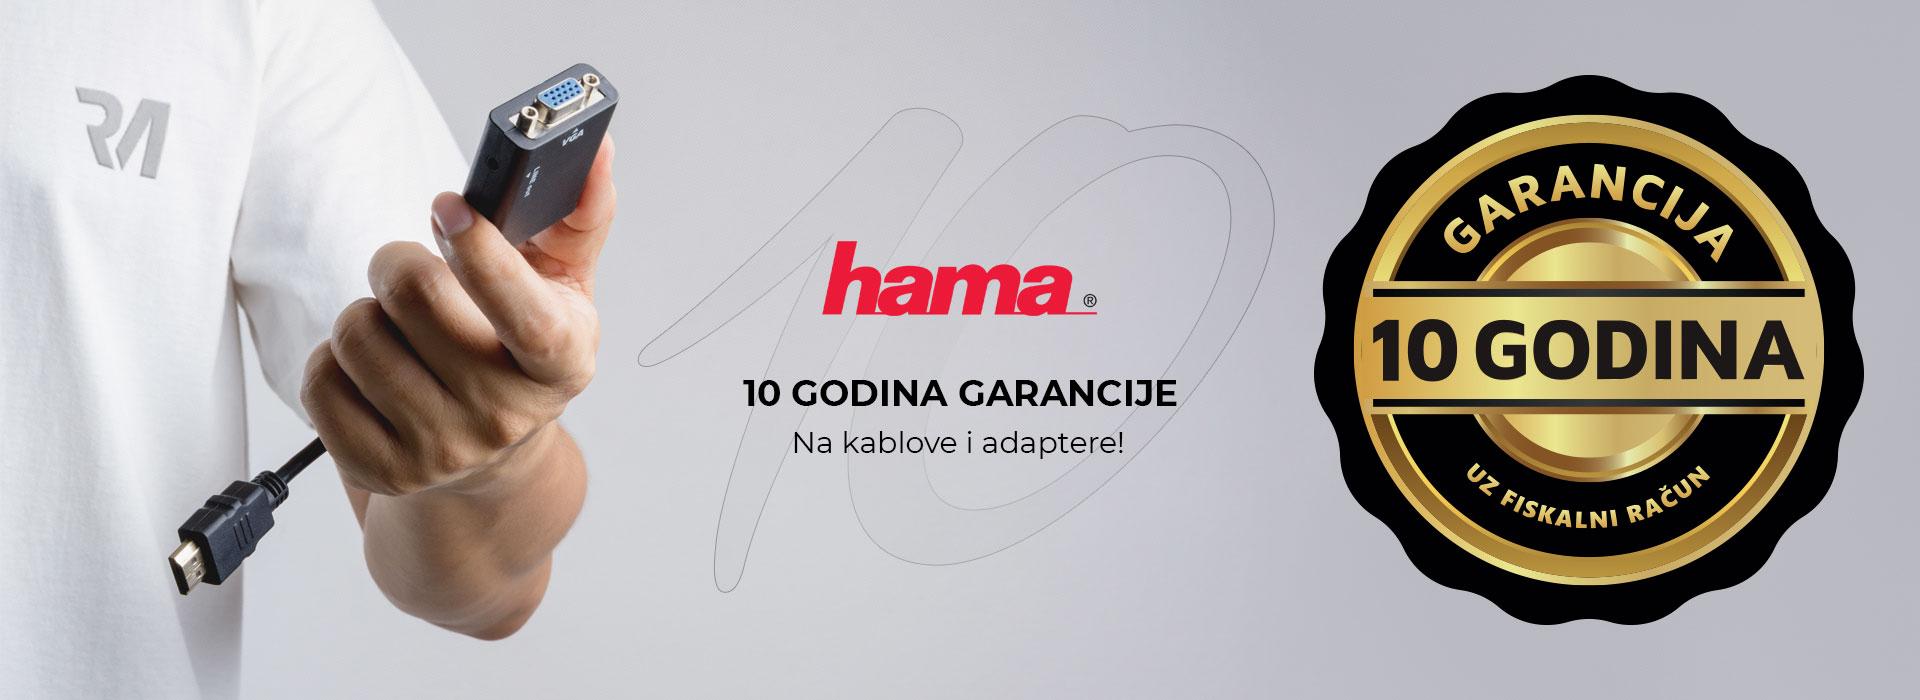 10 godina garancije na HAMA kablove i adaptere